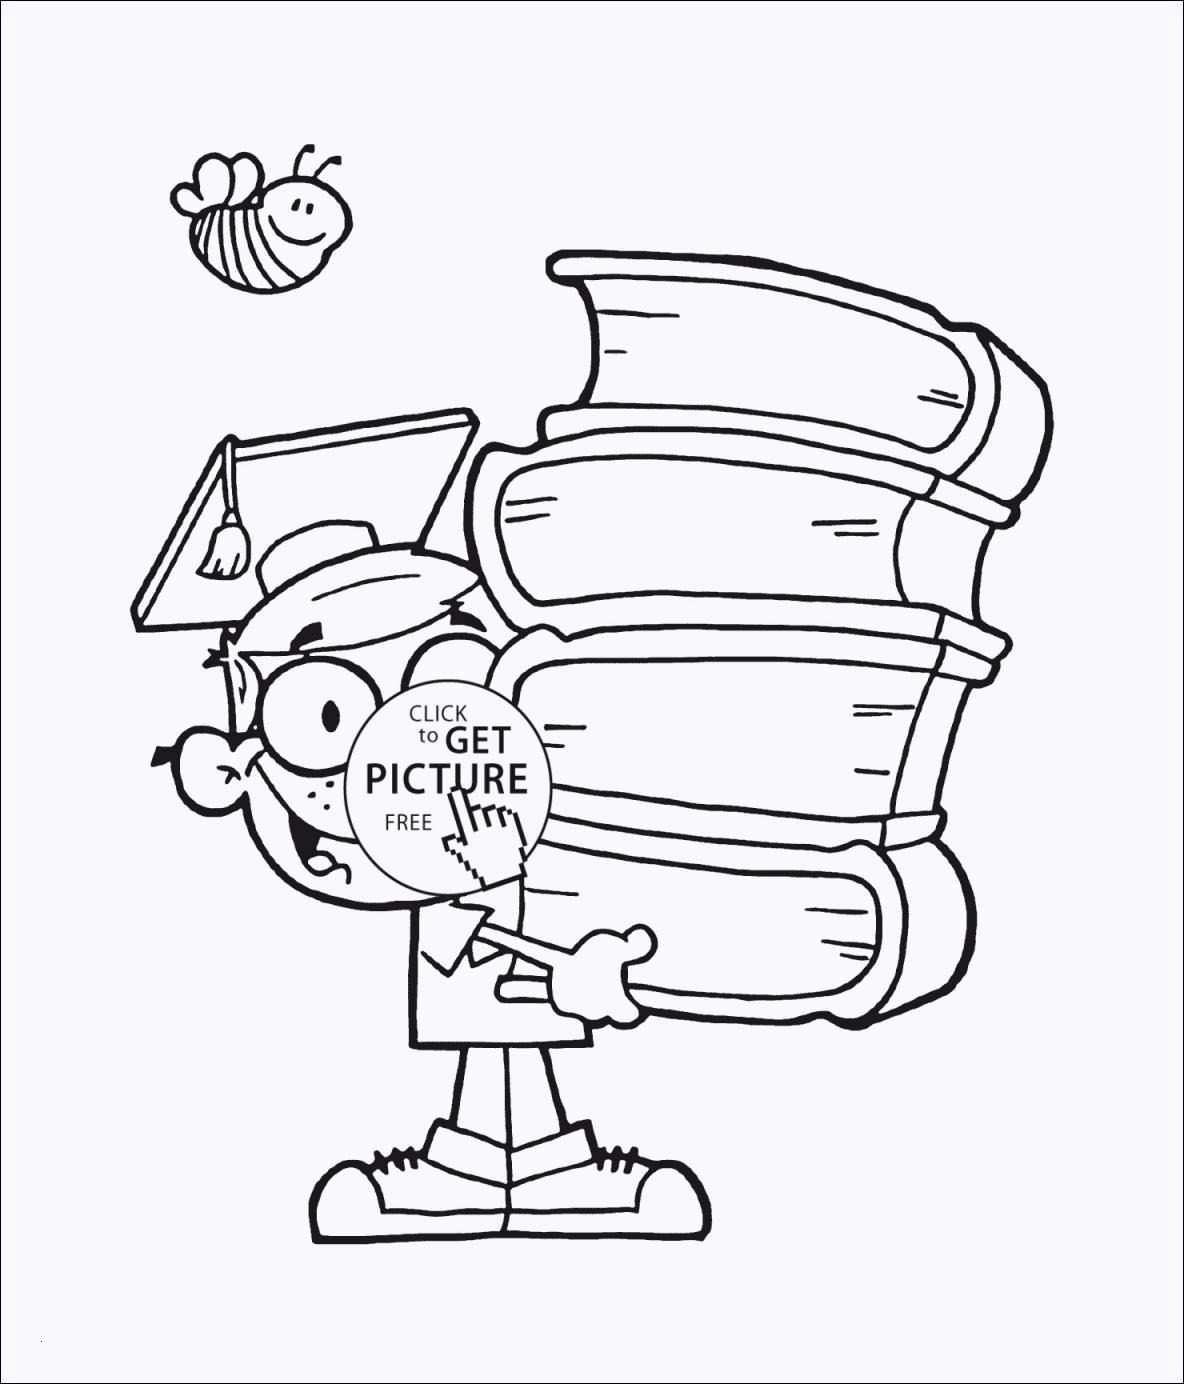 wie zeichnet man eine rose bildnis malvorlagen igel frisch igel grundschule 0d archives uploadertalk